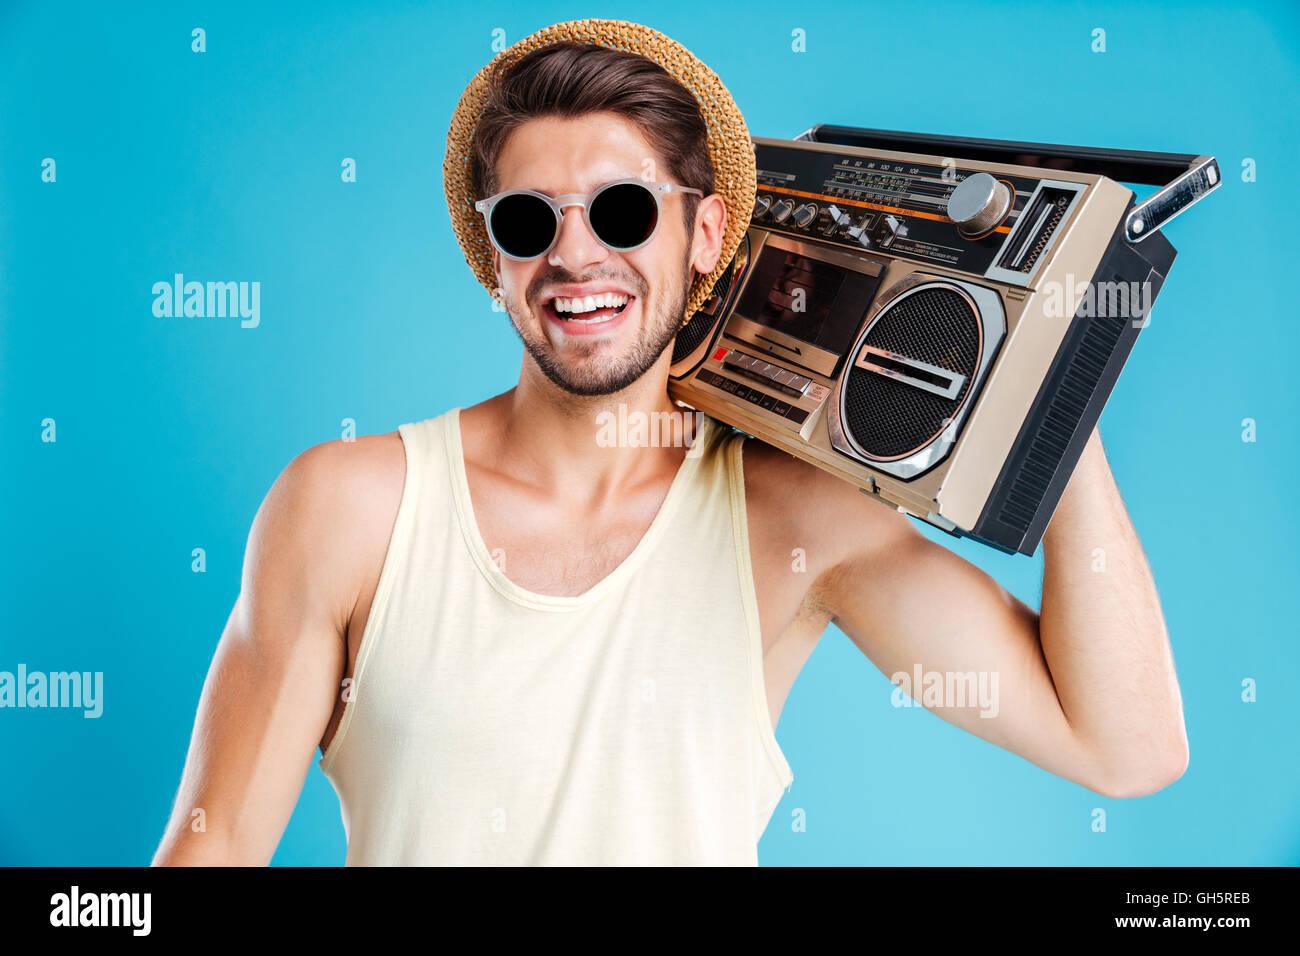 Retrato de feliz joven con gorra y gafas de sol con un radiocasete Imagen De  Stock a5120ef55cf4